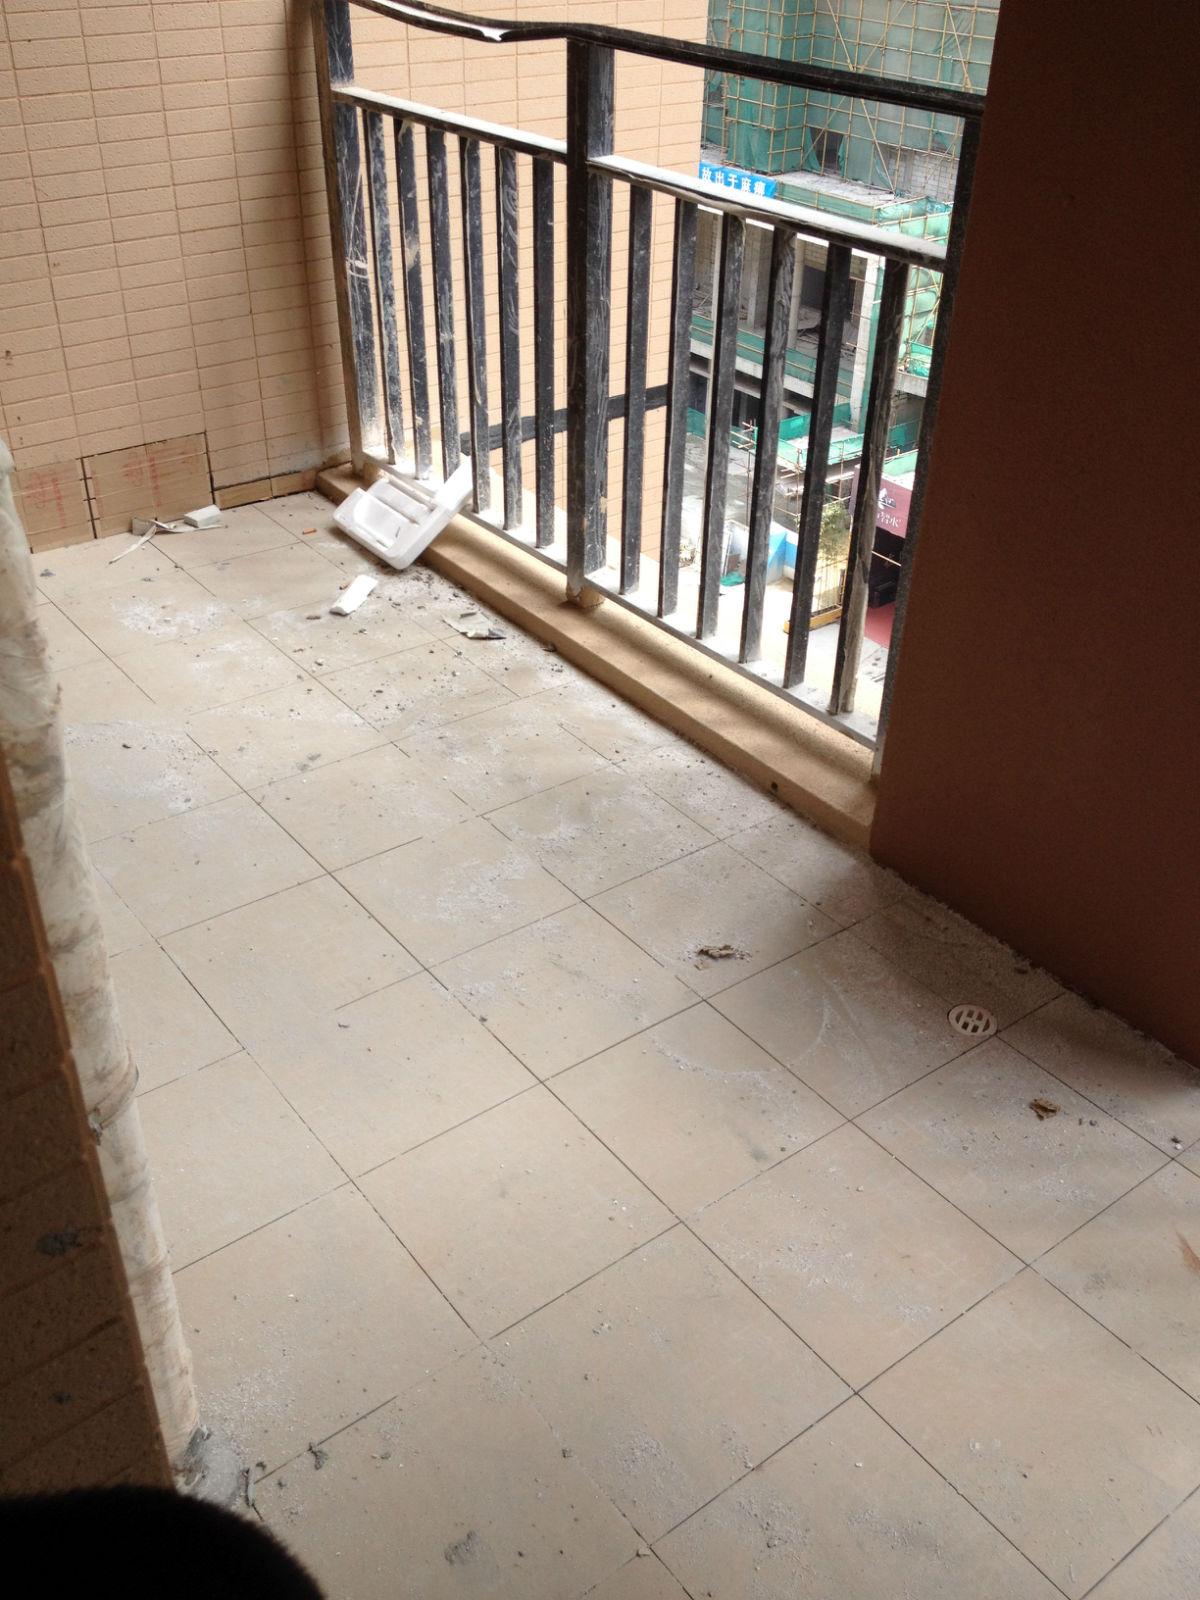 客厅外阳台:看这大柱子!还有阳台栏杆质量好差